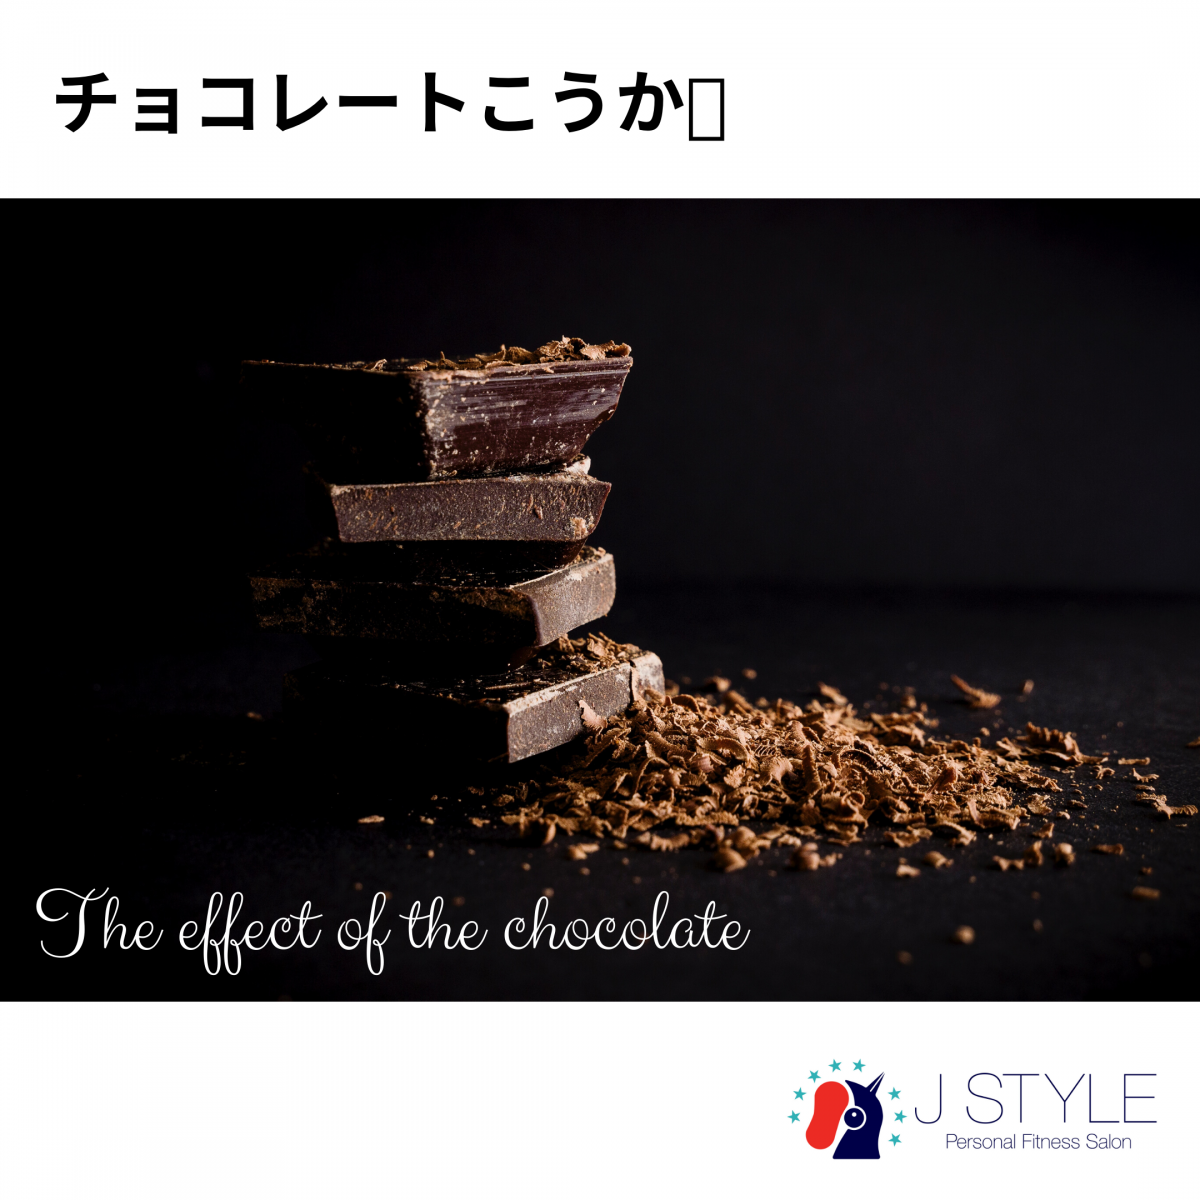 チョコレートこうか